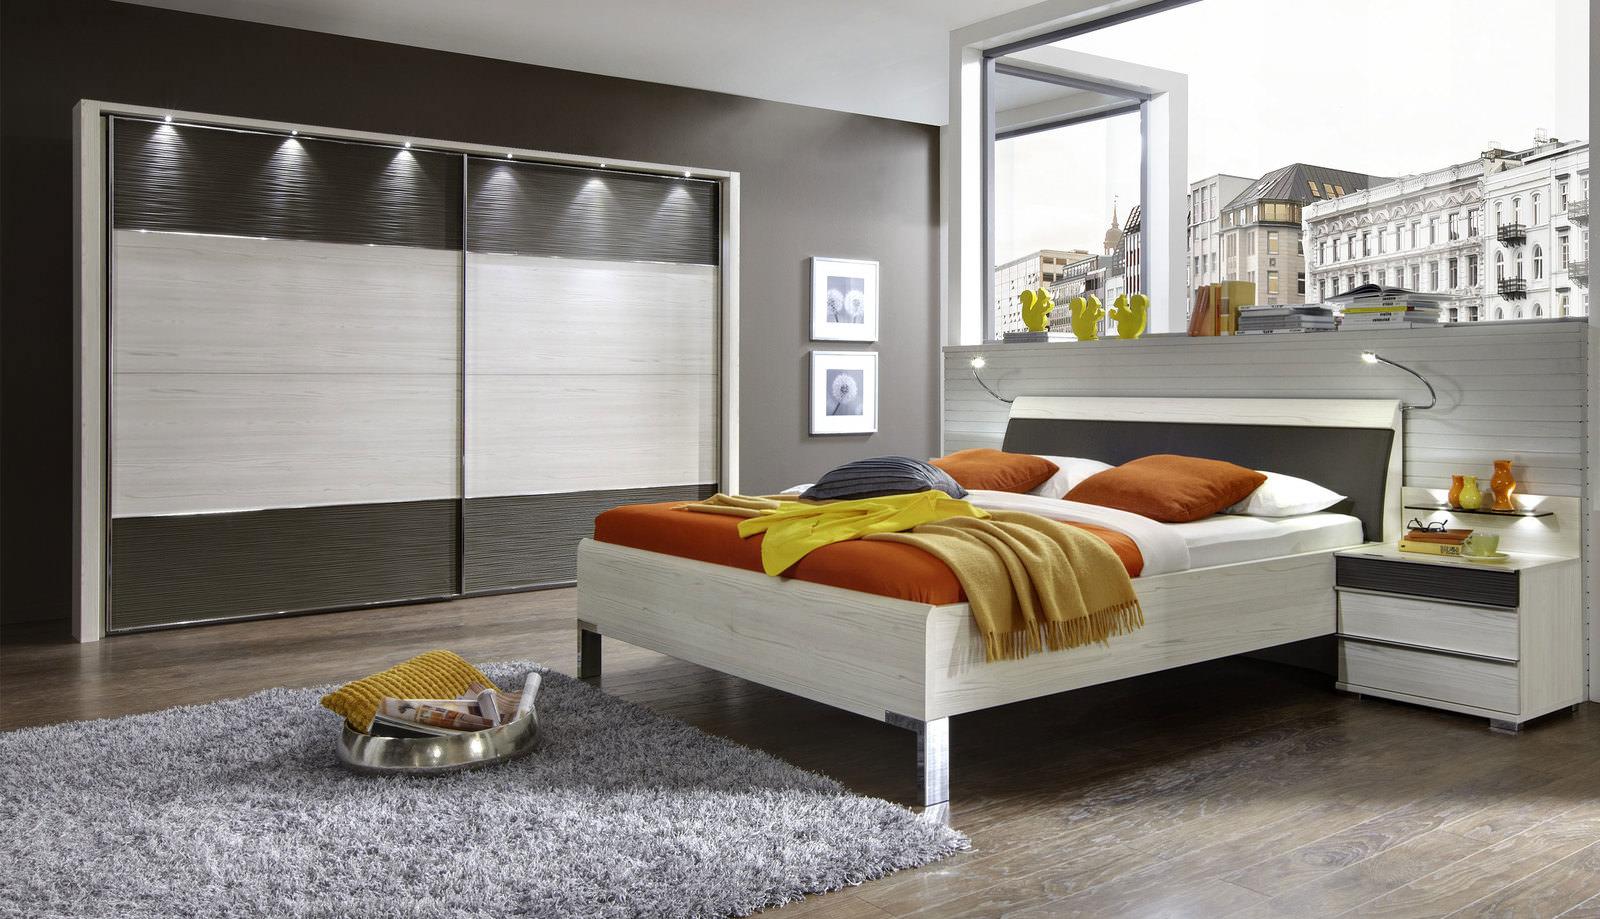 Schlafzimmer Mondo | Jtleigh   Hausgestaltung Ideen, Schlafzimmer